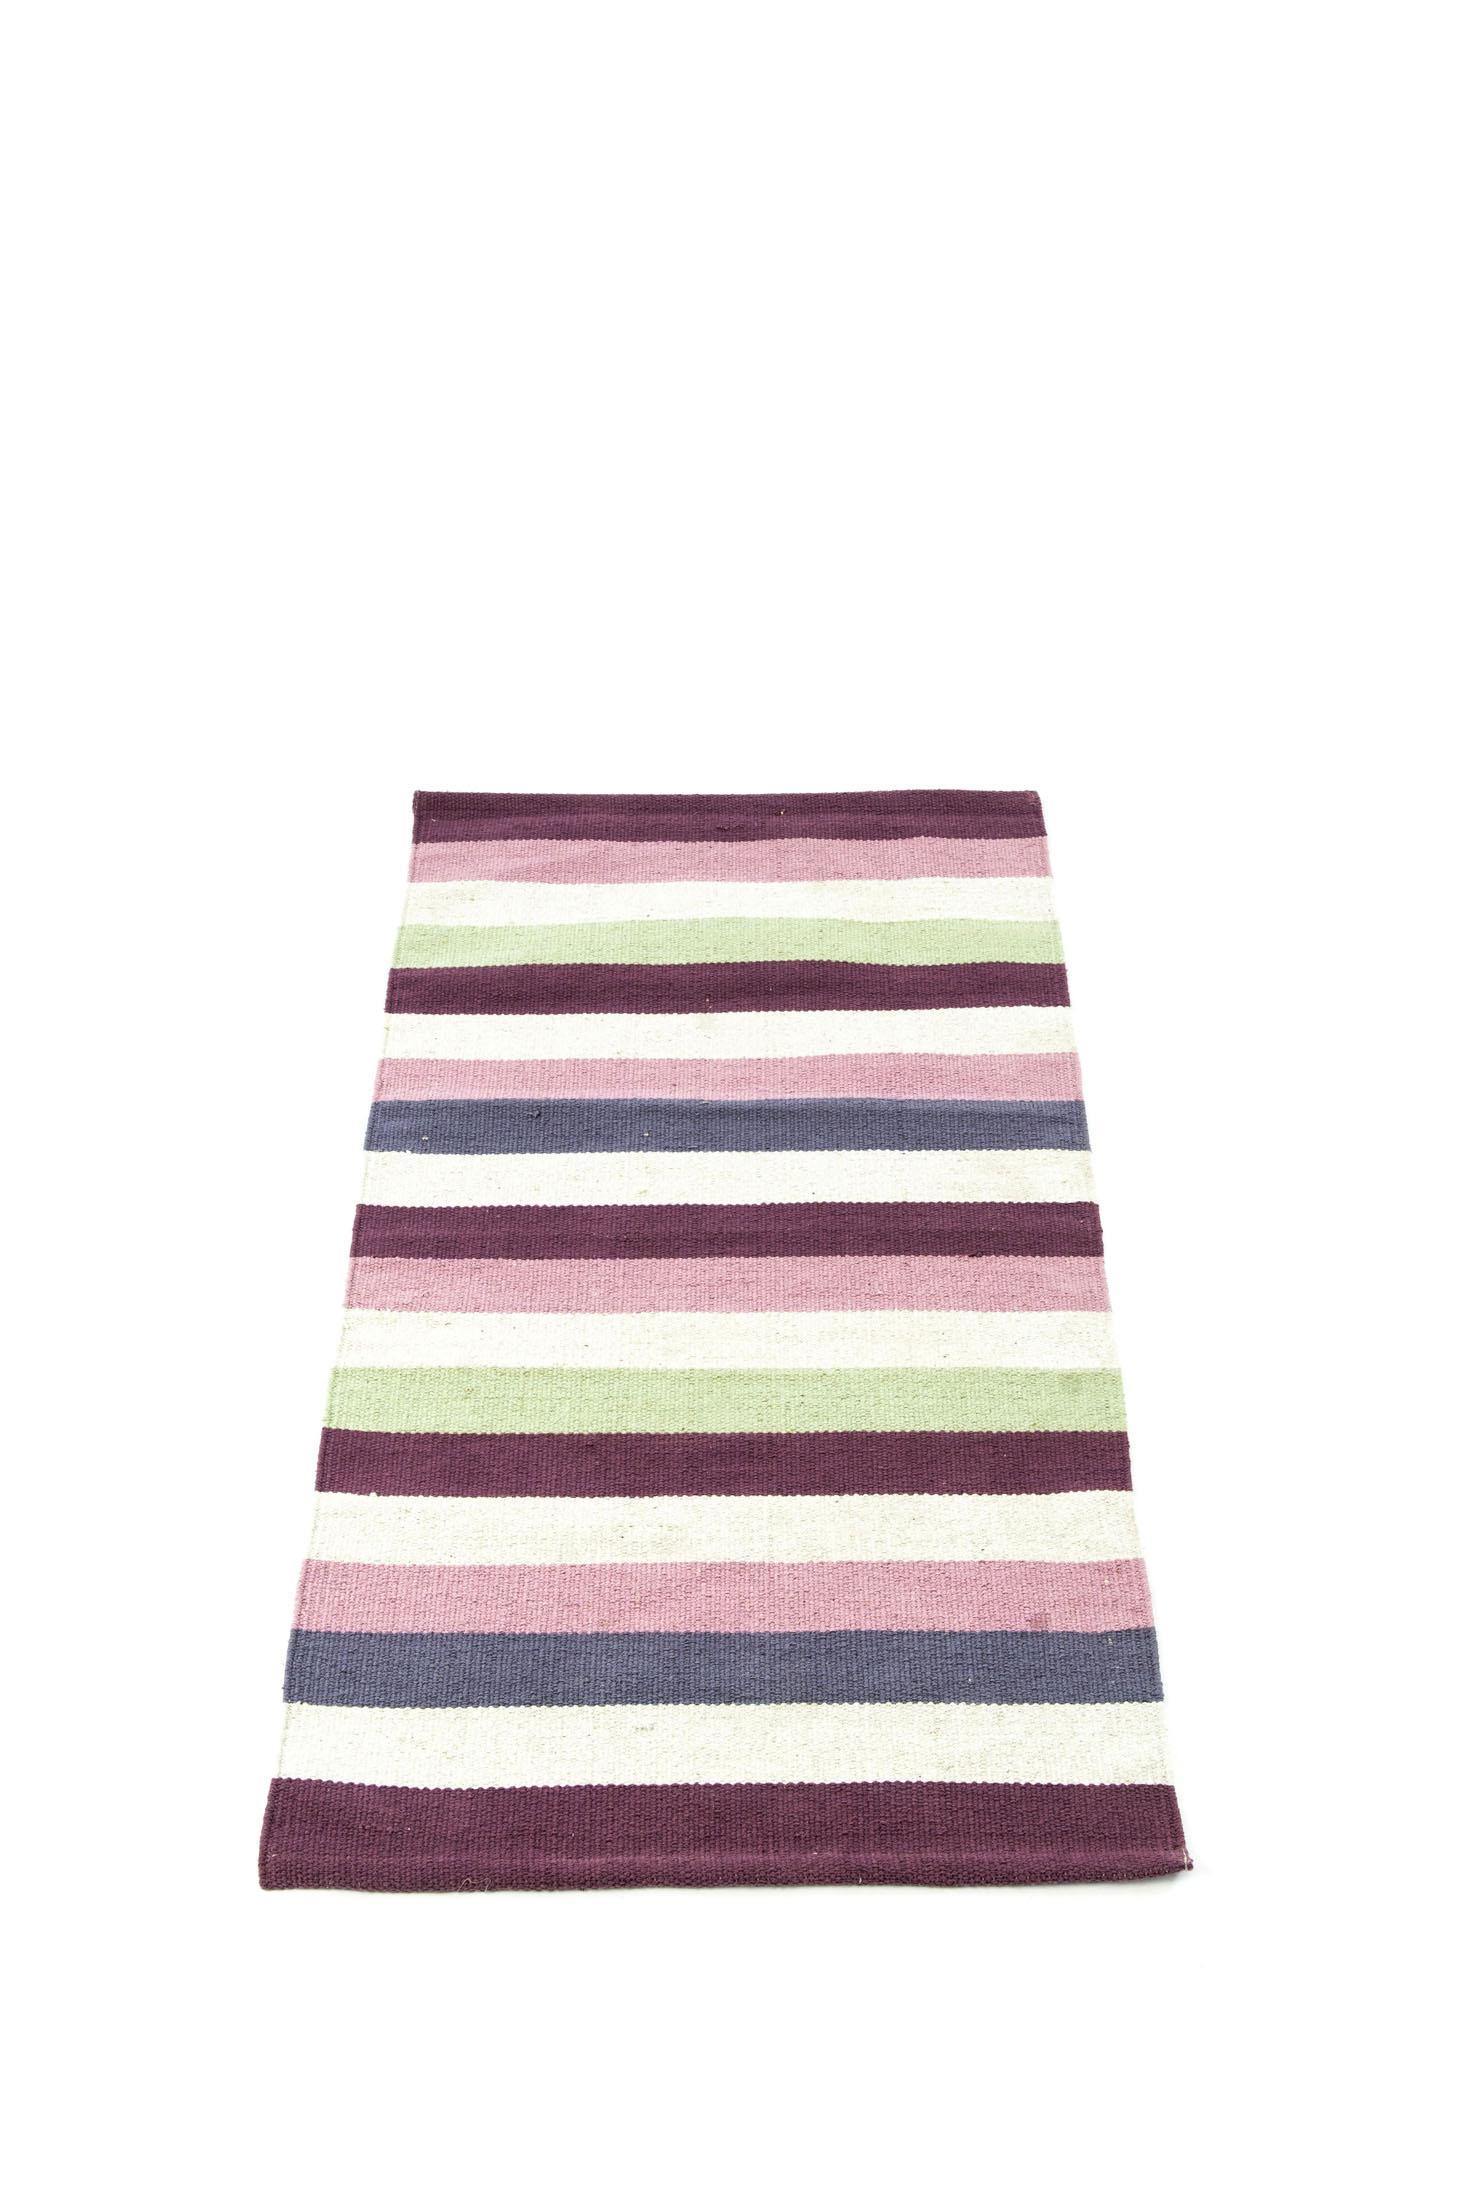 Smallstuff - Carpet Runner 70x125 cm - Rose Mix